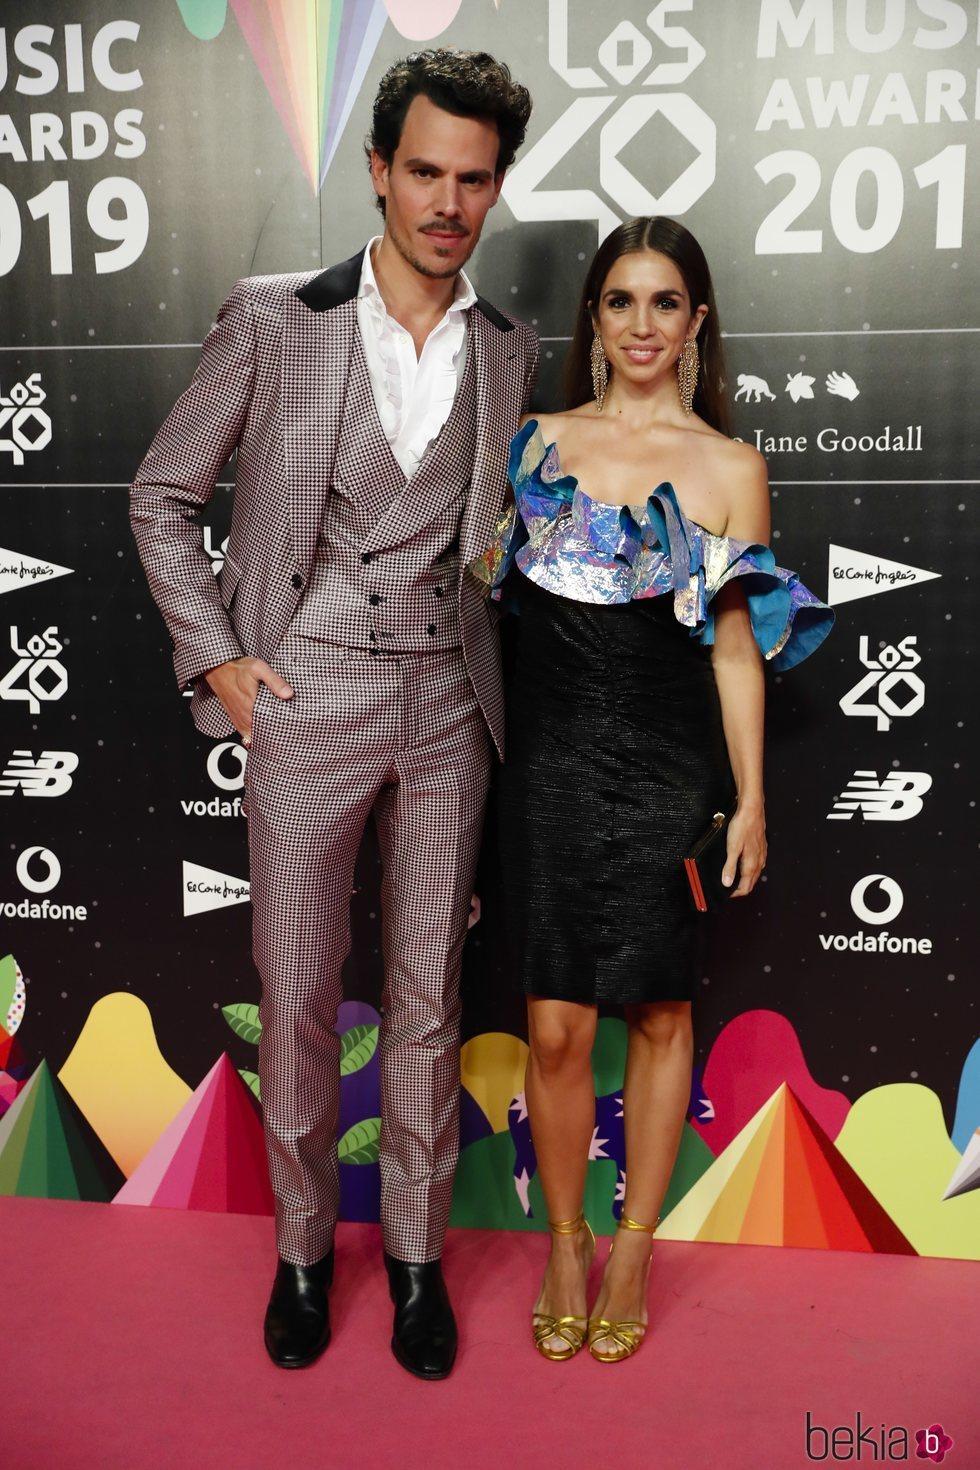 Elena Furiase y Juan Avellaneda en la cena de los nominados de Los 40 Music Awards 2019